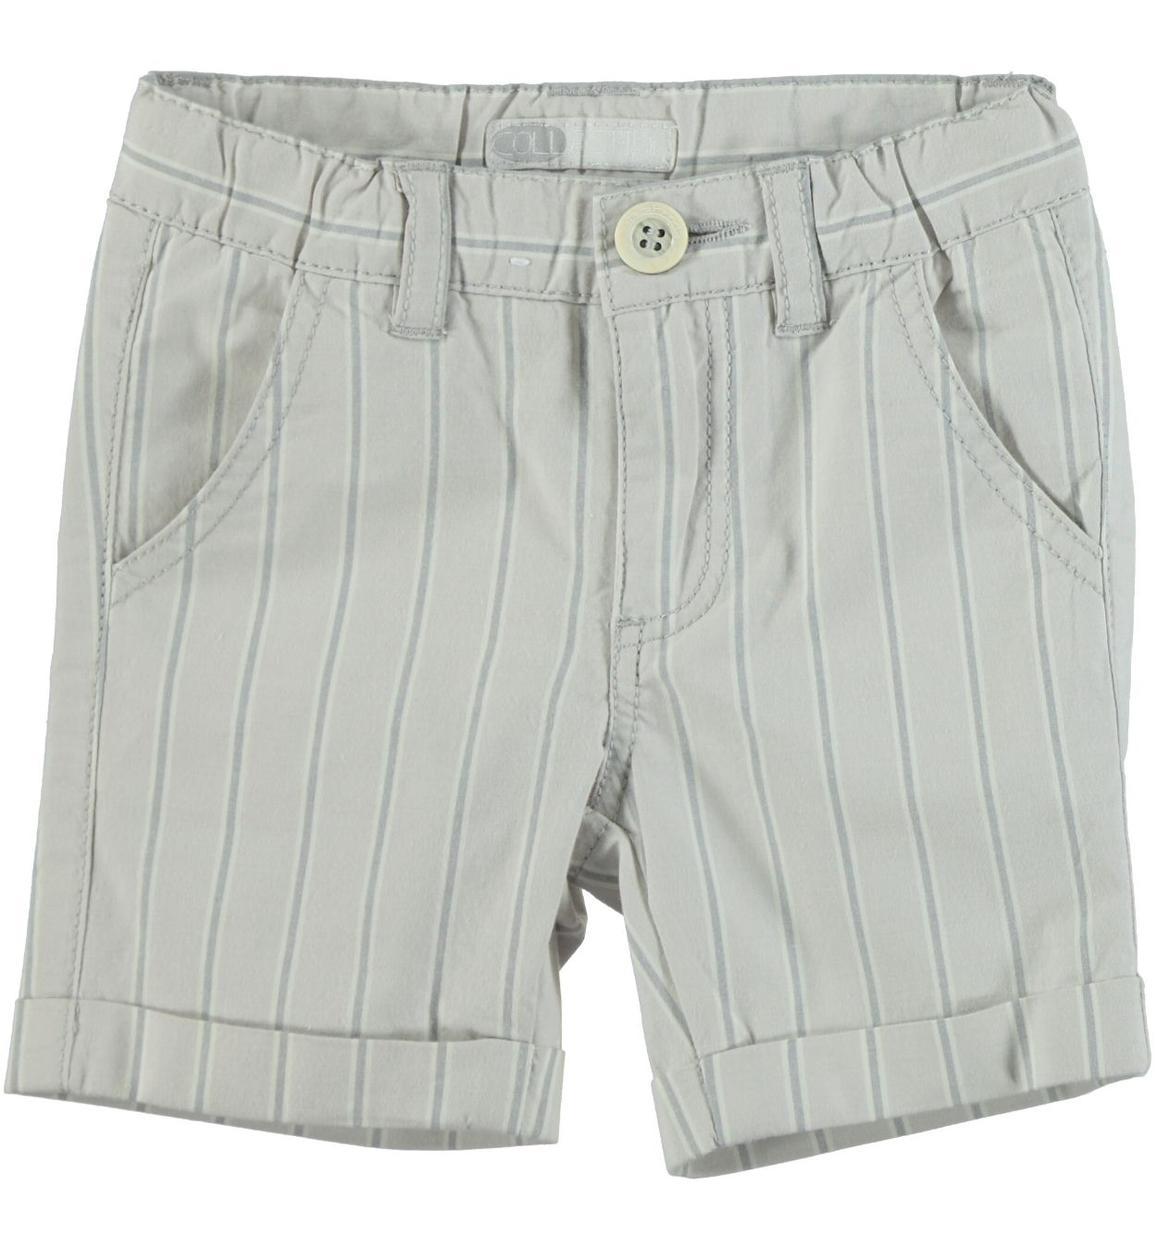 7189c2e5d3 Pantaloncino rigato in popeline stretch di cotone tinto filo per bambino da  6 mesi a 7 anni Sarabanda